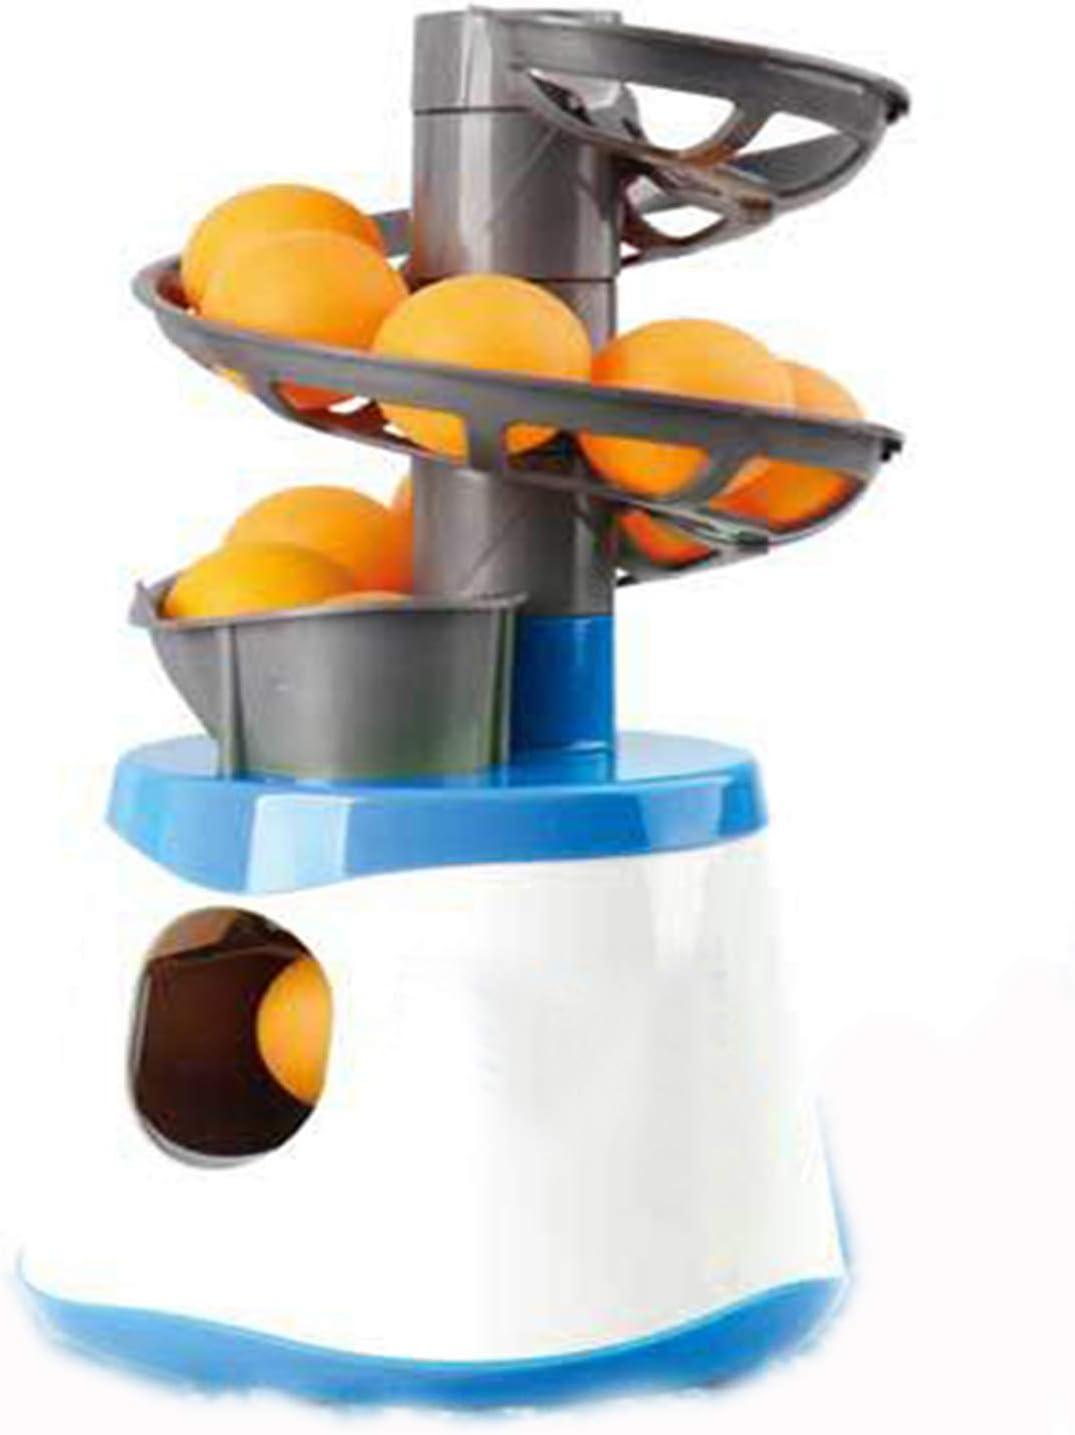 ASDQWER Robot de Tenis de Mesa, Máquina de Bola de diversión, Lanzador, para su Juego de Mesa de Ping Pong o Practicar Ping Pong en Cualquier Momento Durante el Tiempo Que Quieras,Azul